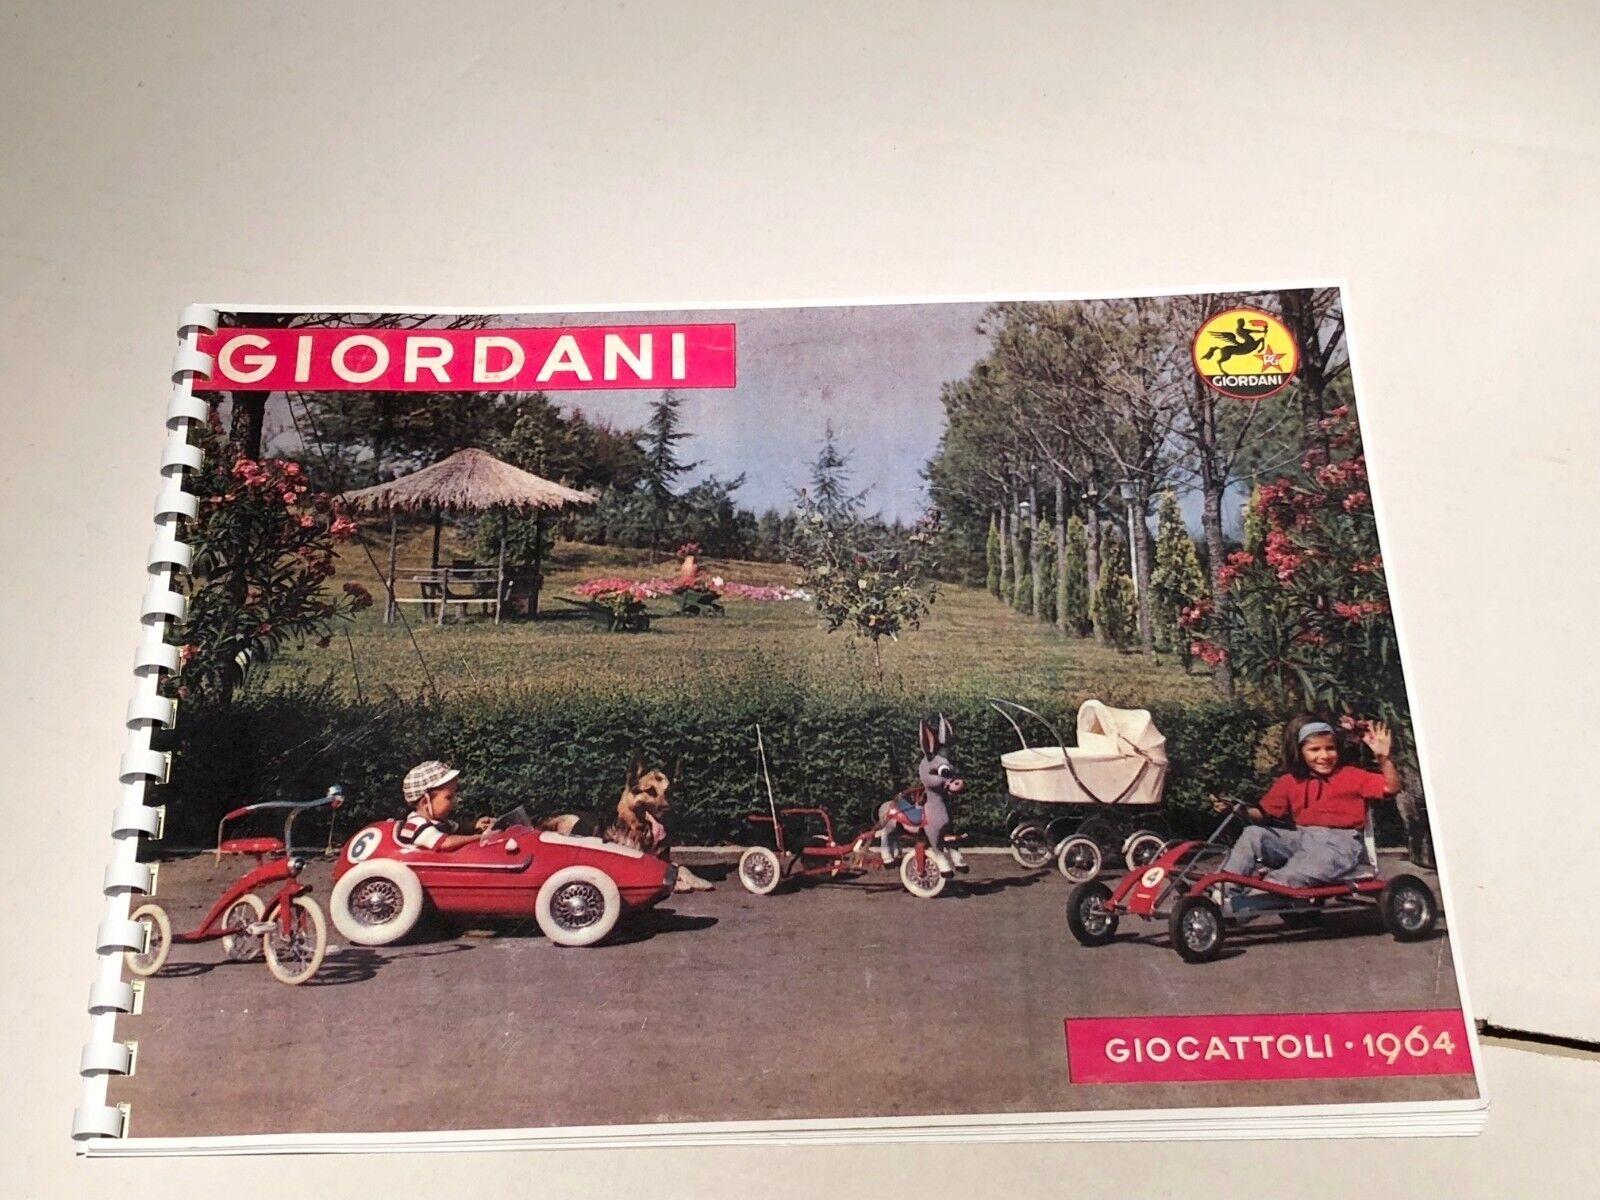 economico e di alta qualità Riproduzione Riproduzione Riproduzione del catalogo tricicli della Giordani.  trova il tuo preferito qui